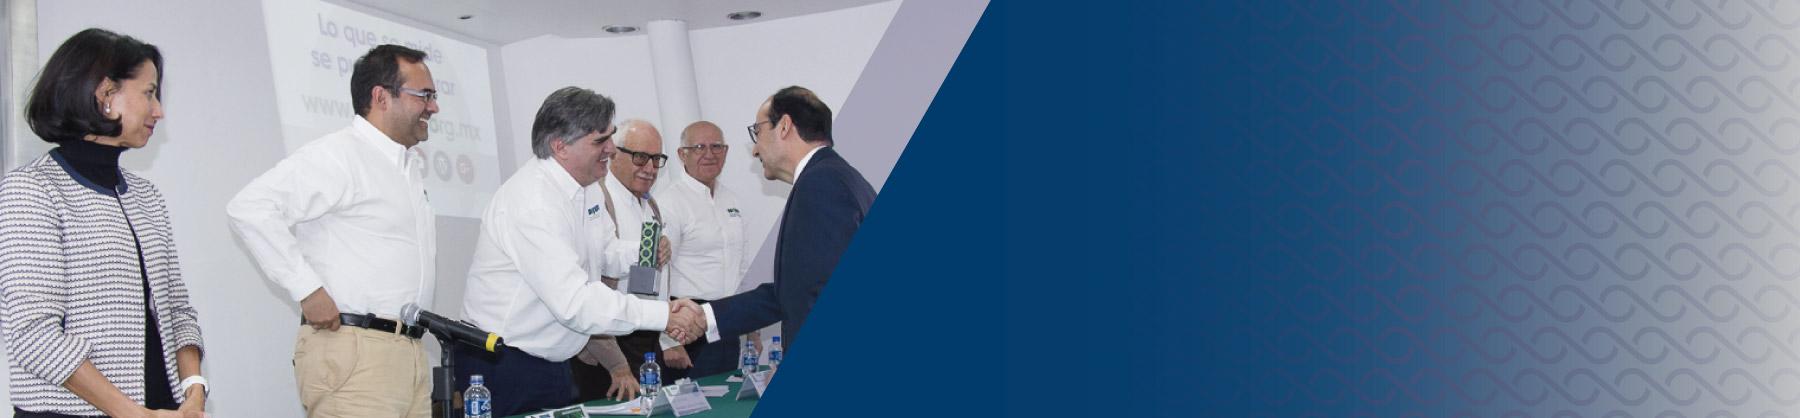 cide_Coneval-reconoce_buenas_practicas_en_uso_de_evaluacion_y_monitoreo_en_Mexico